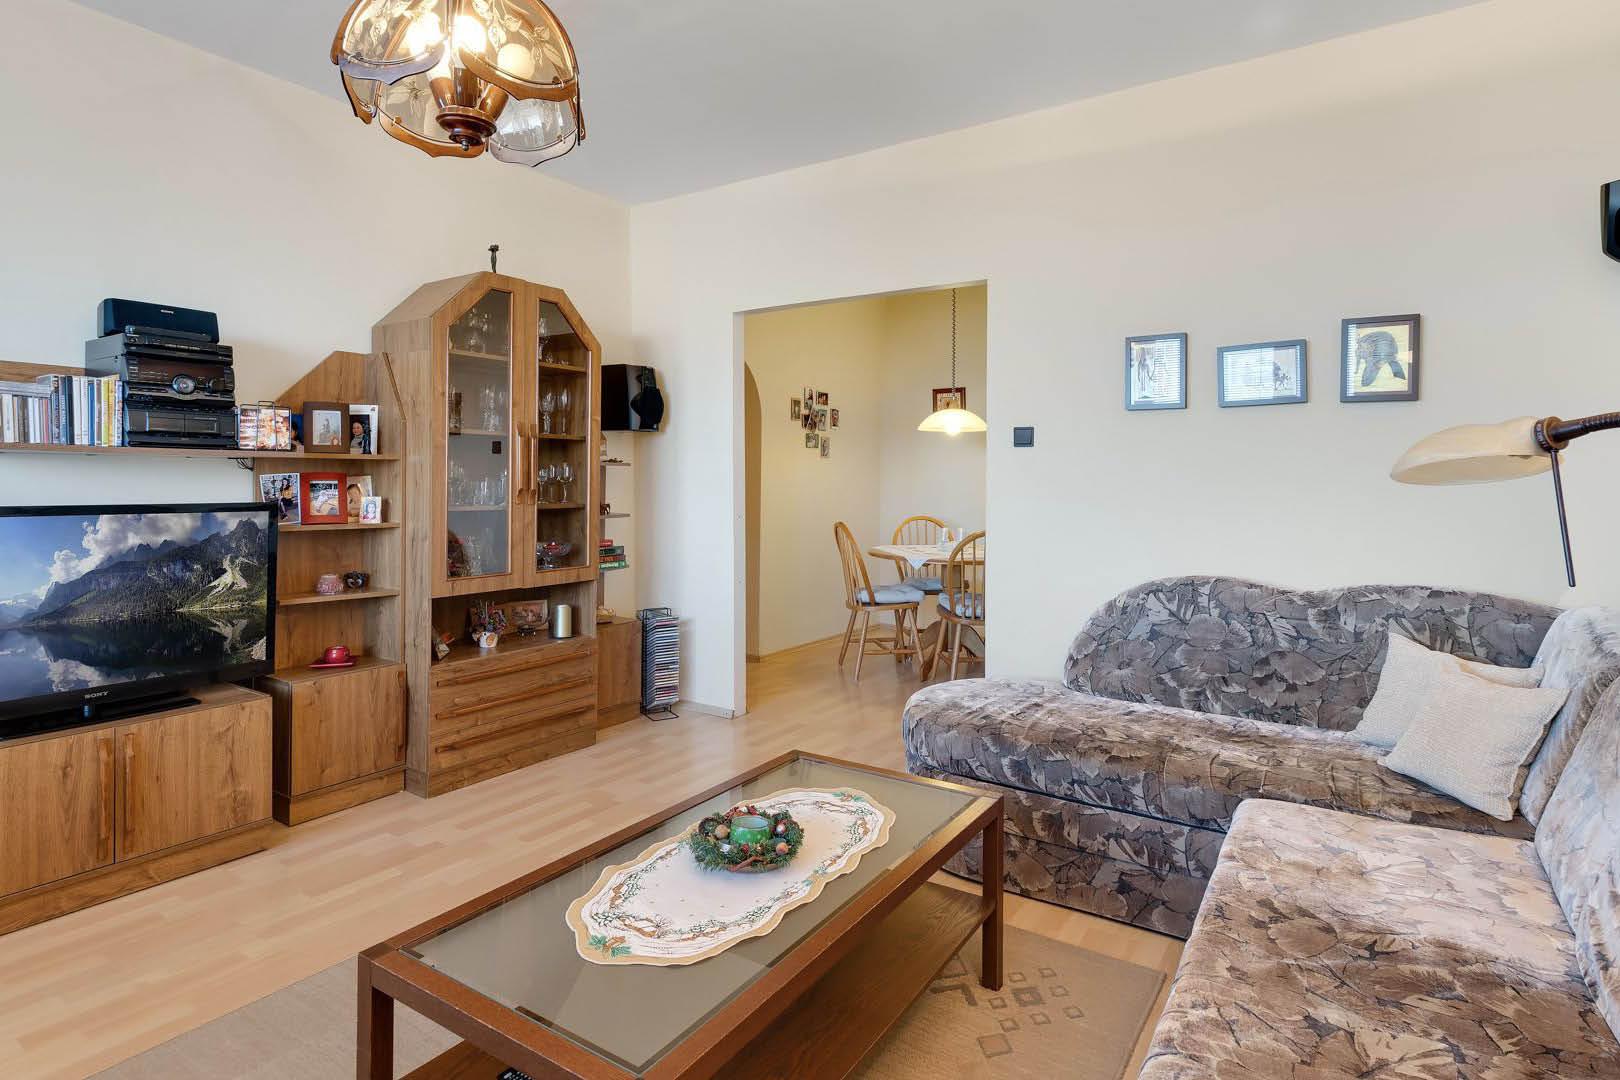 PREDANÉ | 3 izbový byt | Blagoevova, Bratislava